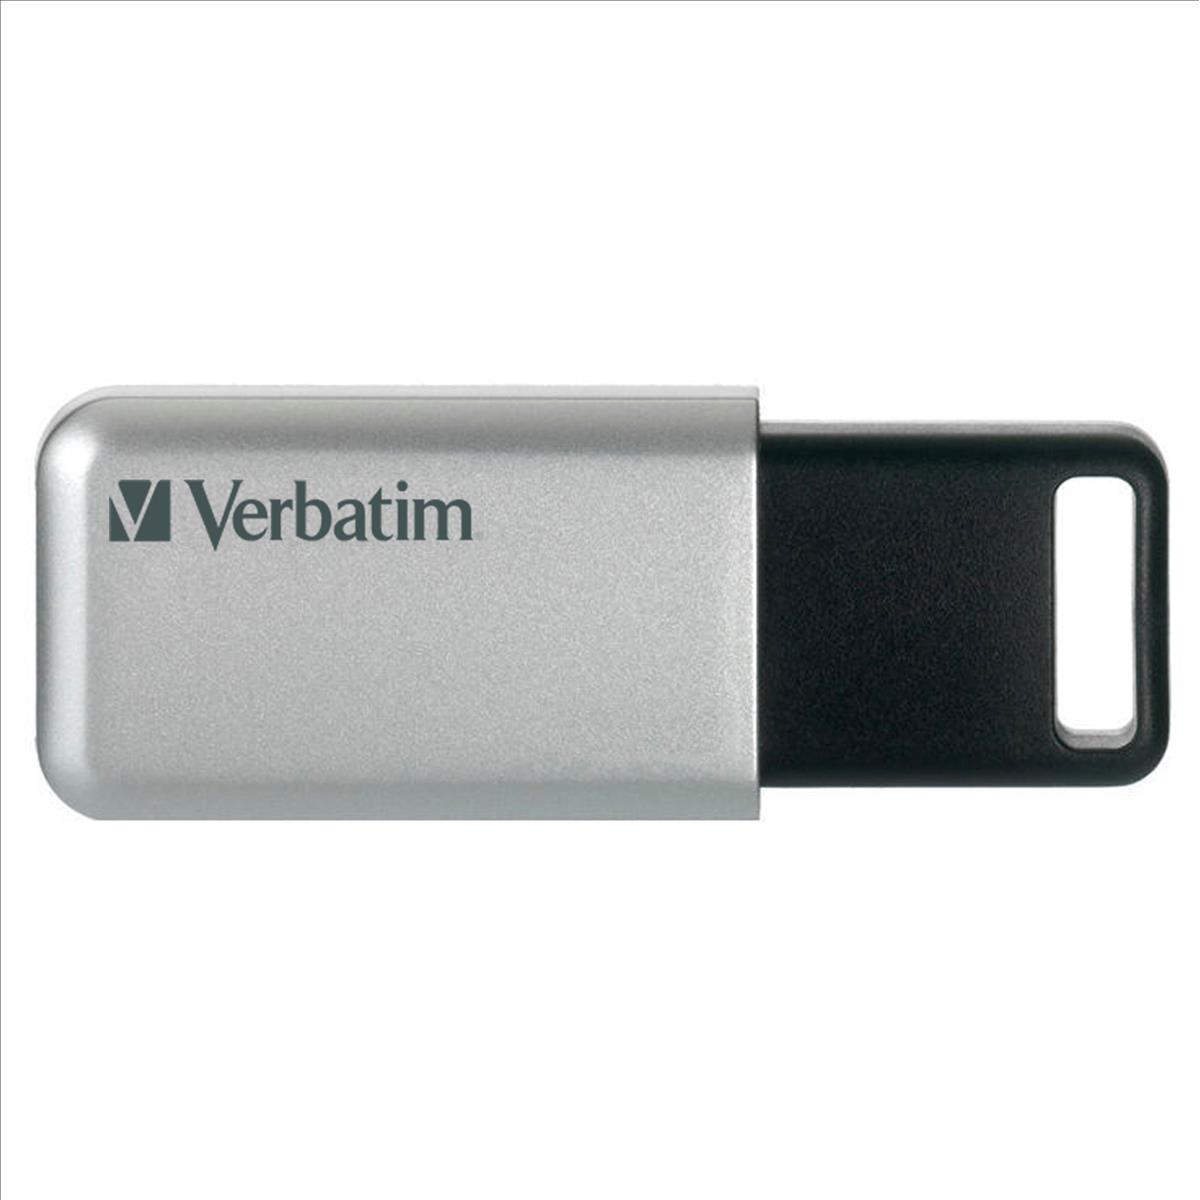 Verbatim Secure Pro USB 3.0 Drive 32GB Ref 98665